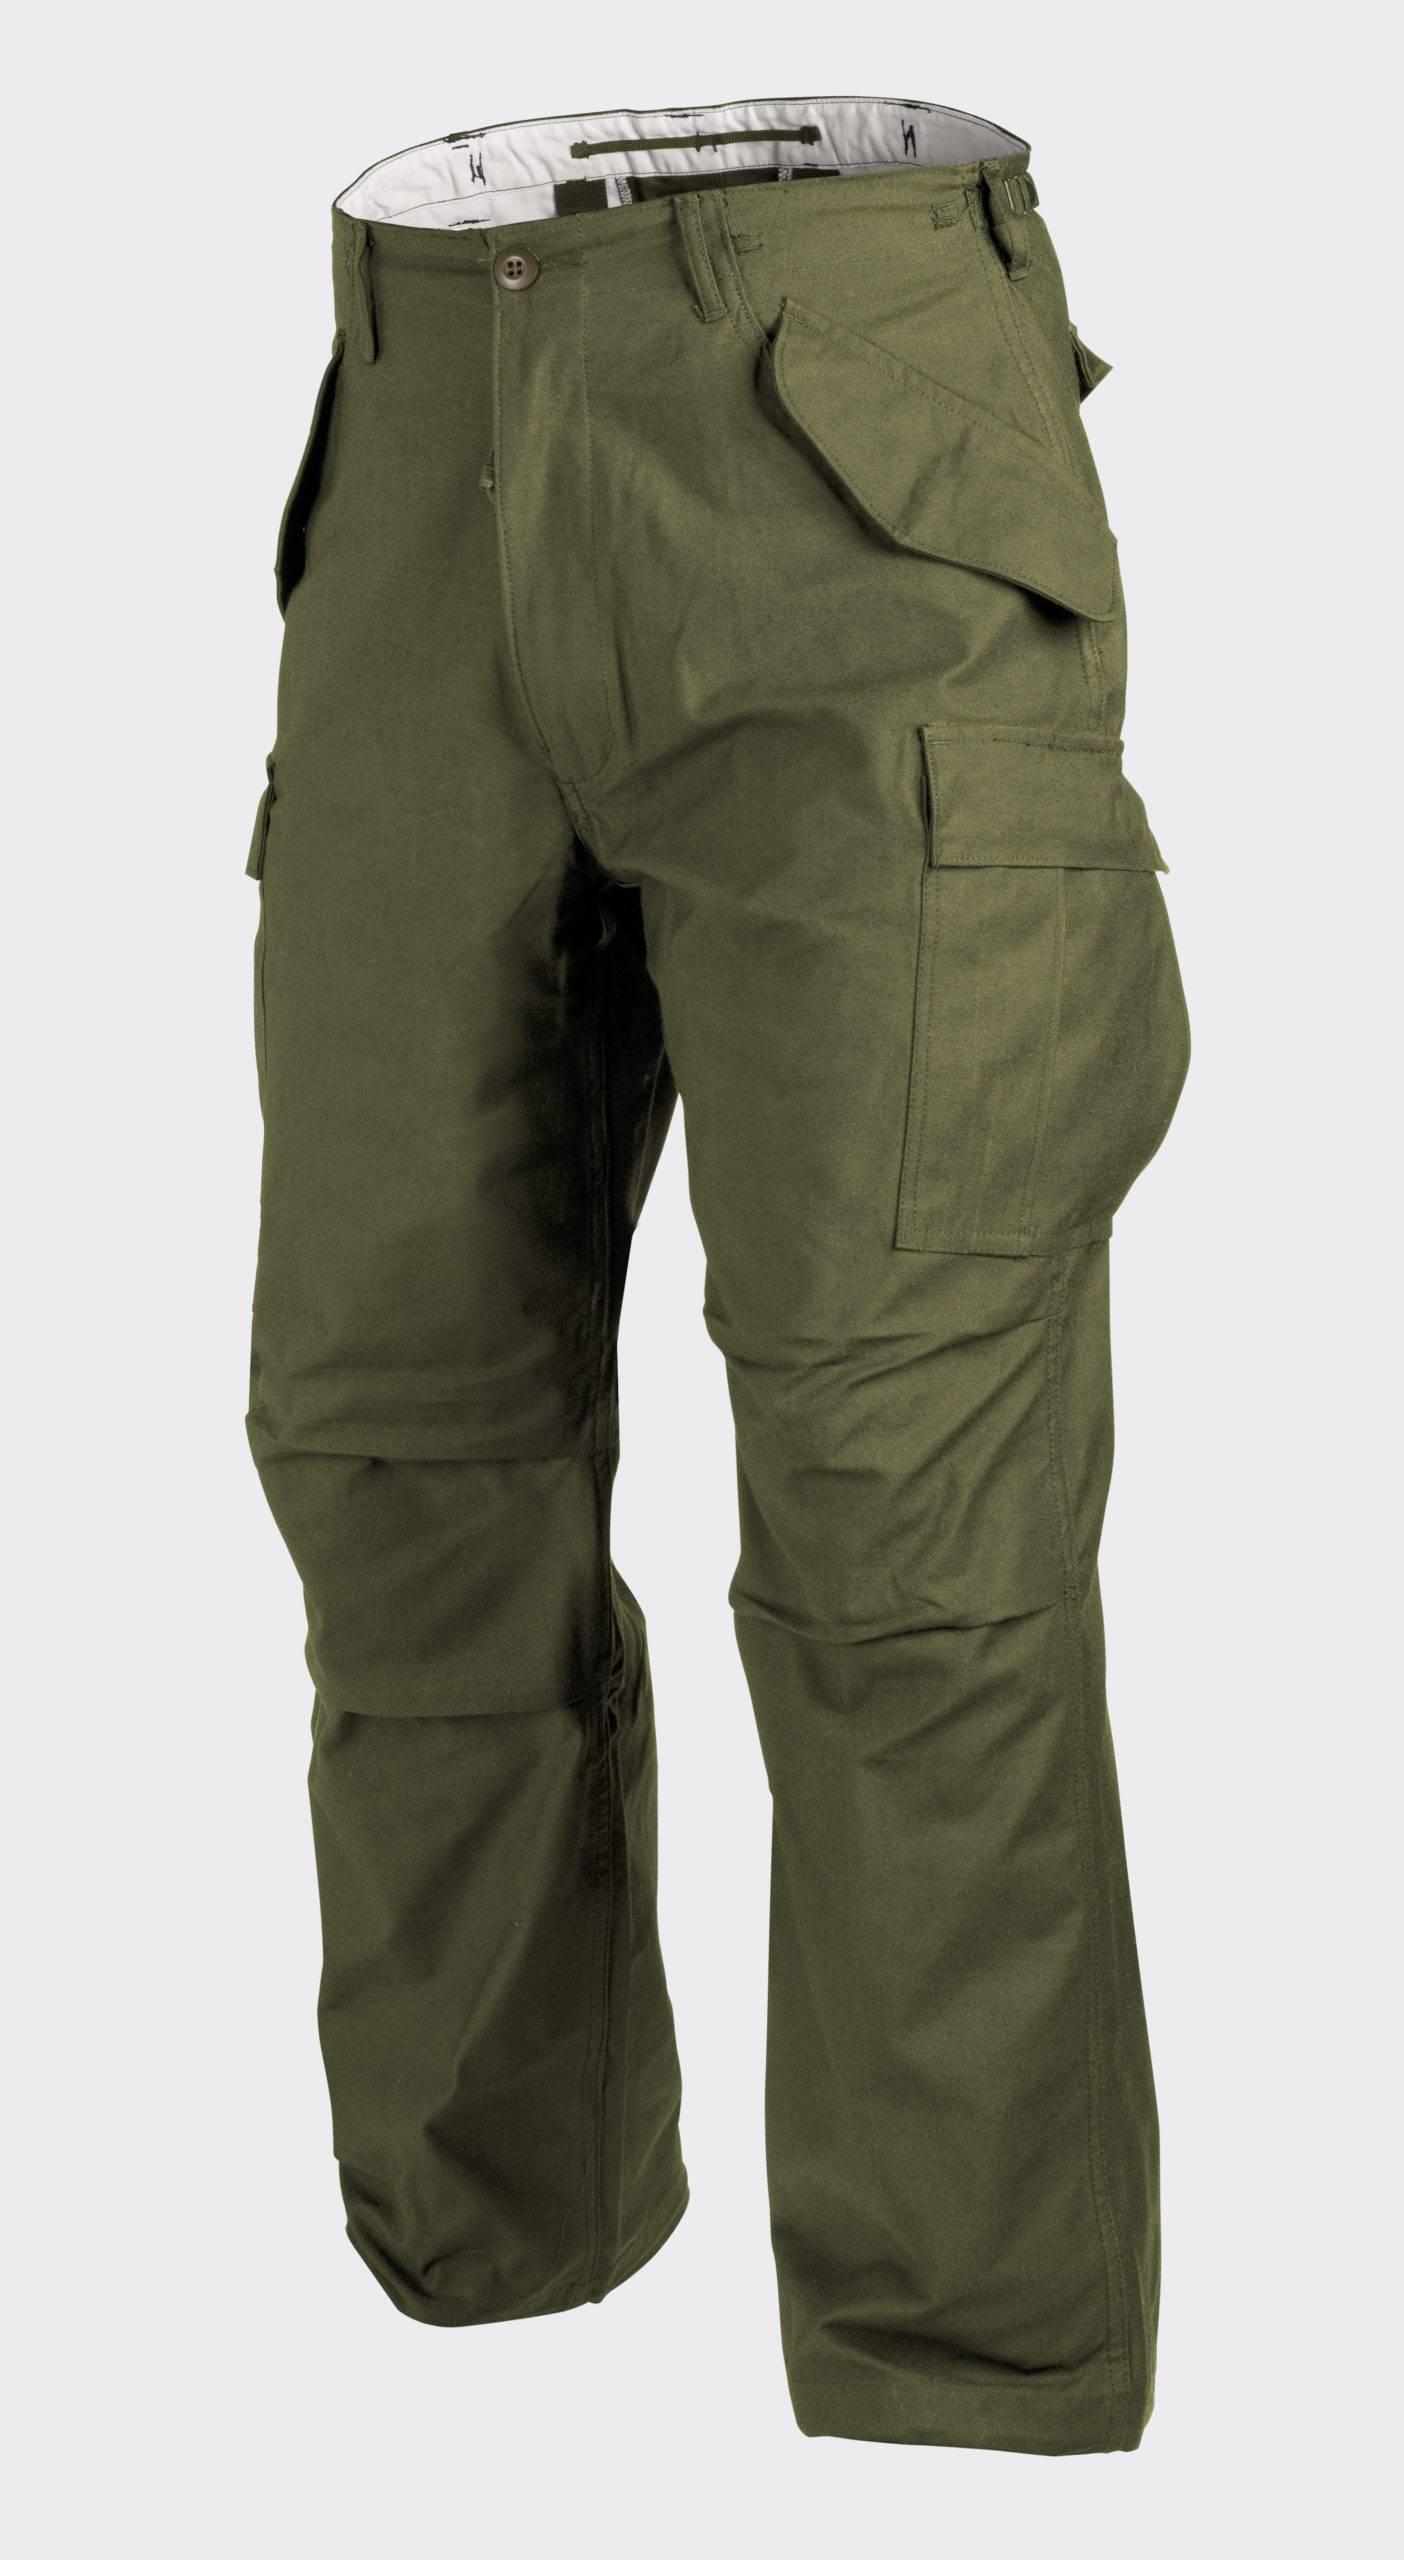 Spodnie m65 kolor Oliv Helikon-Tex